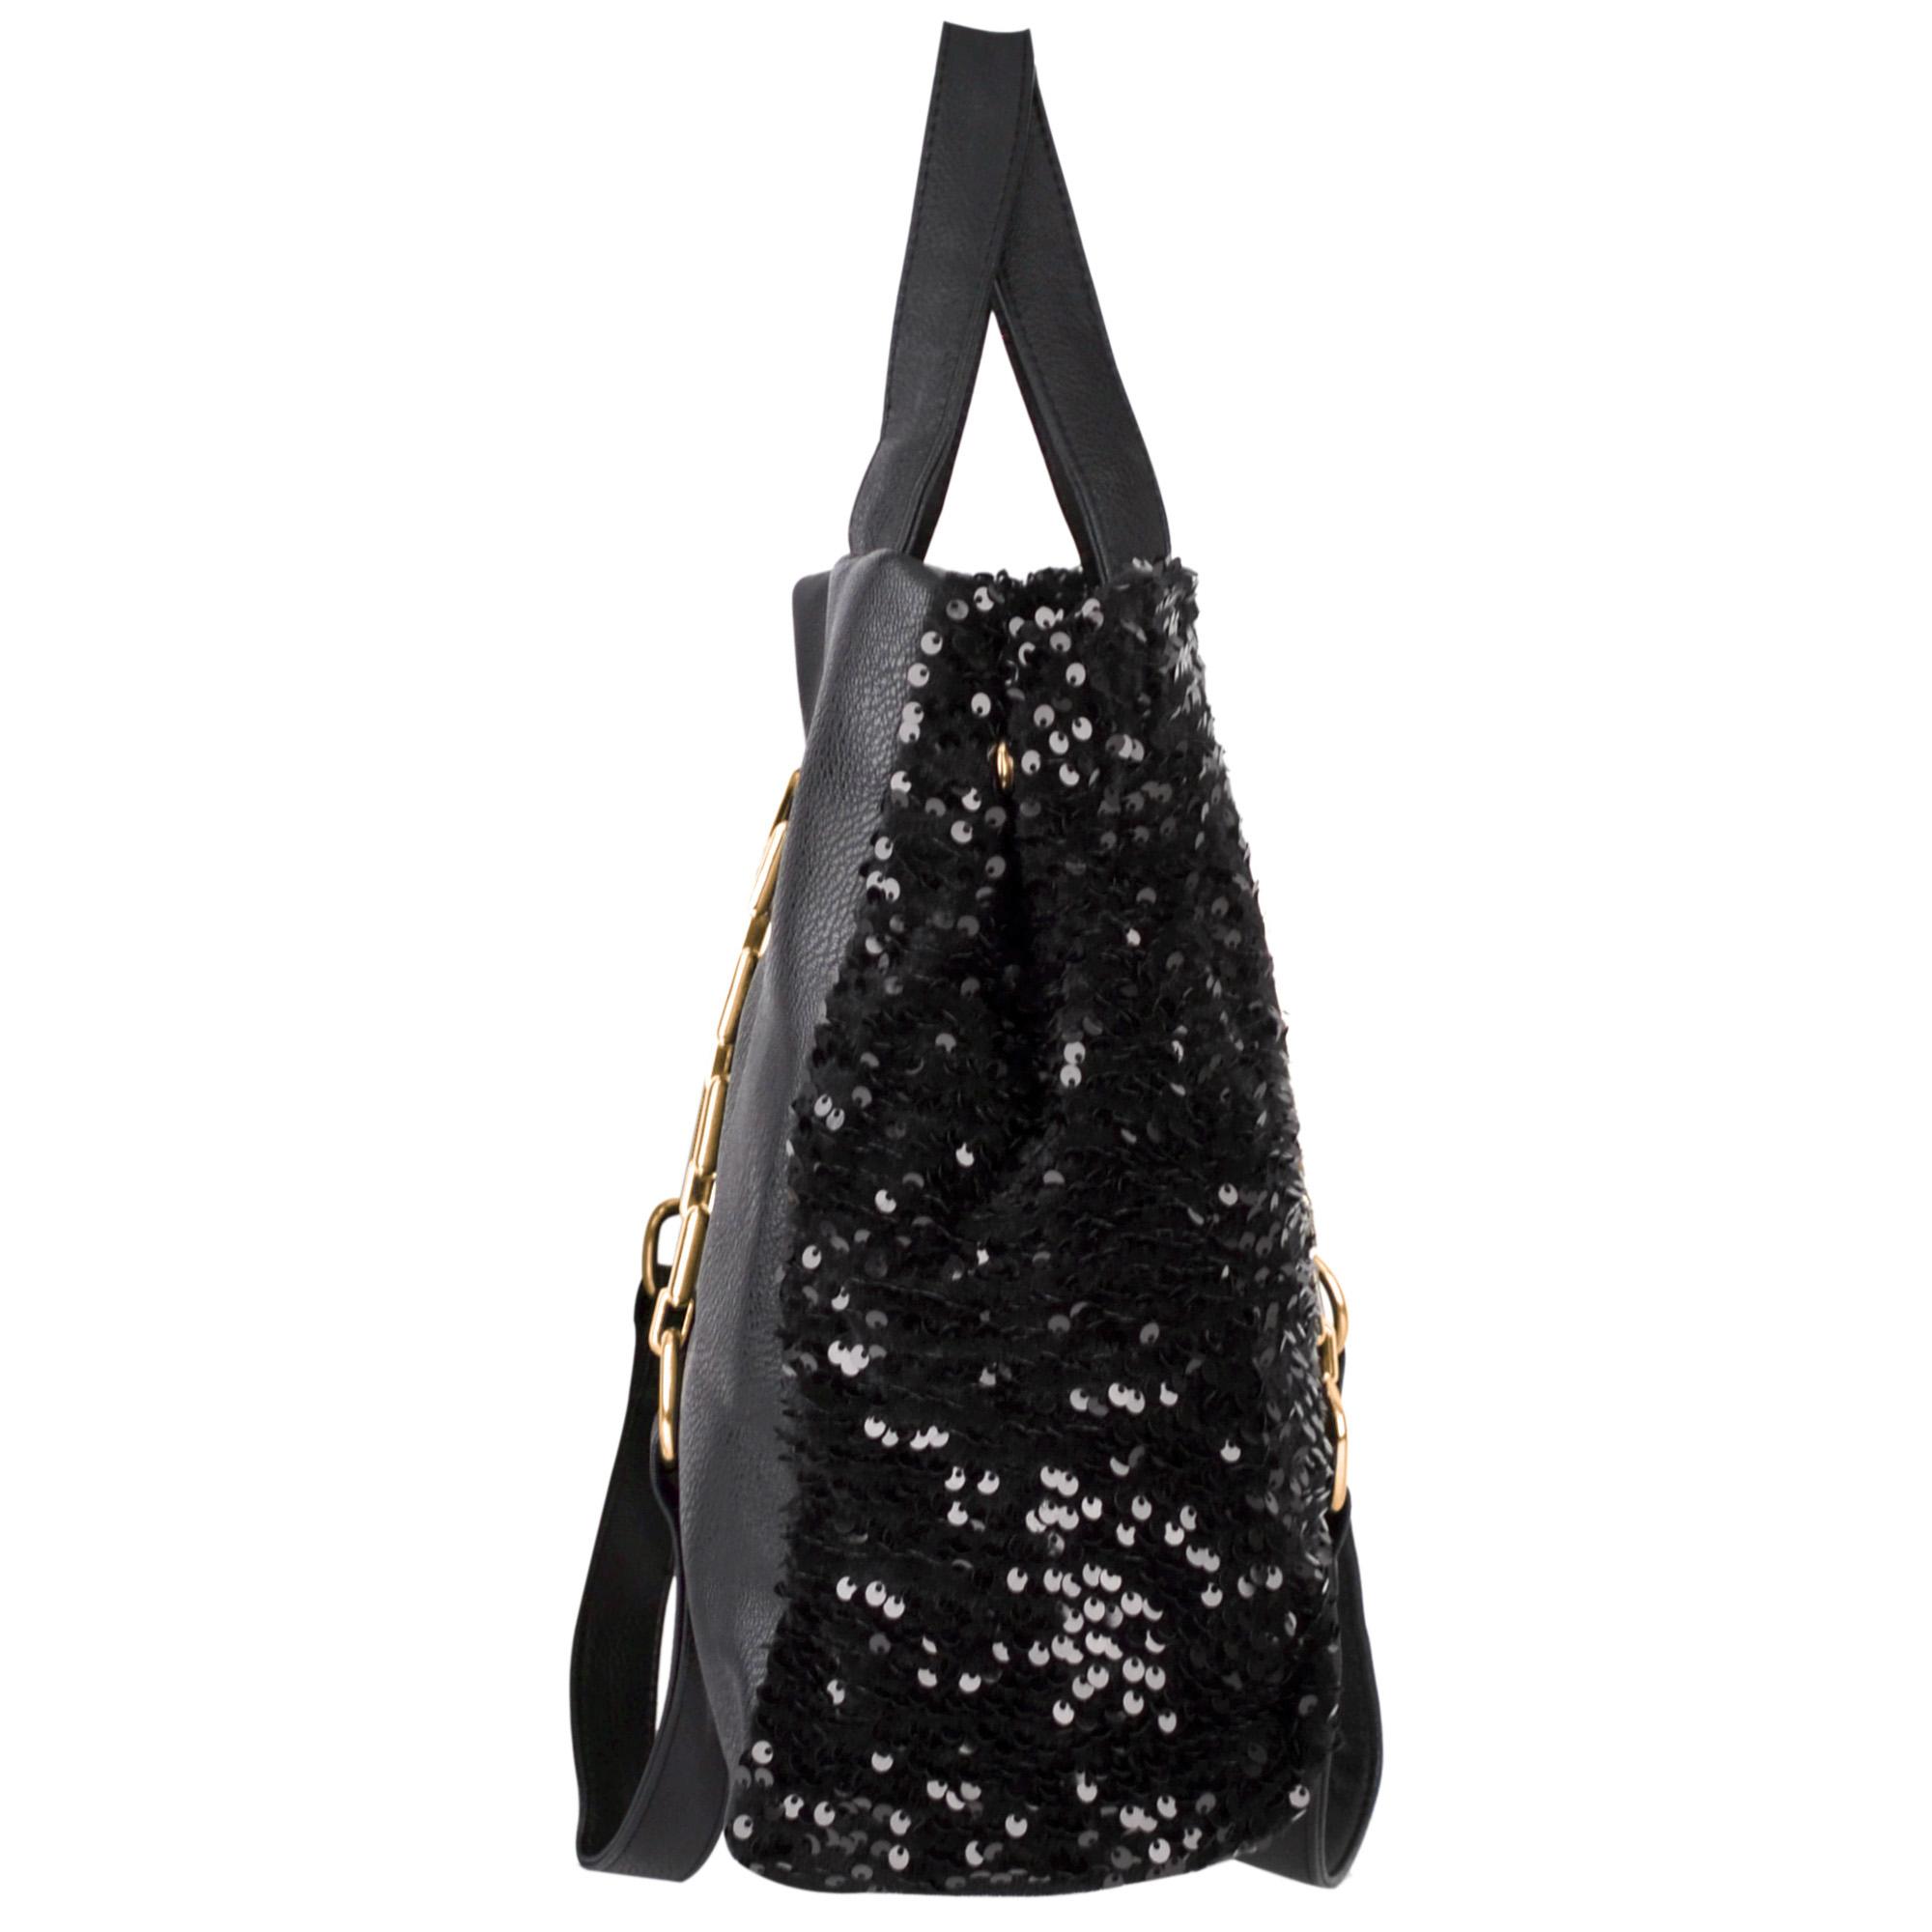 Noelia black sequined handbag side image